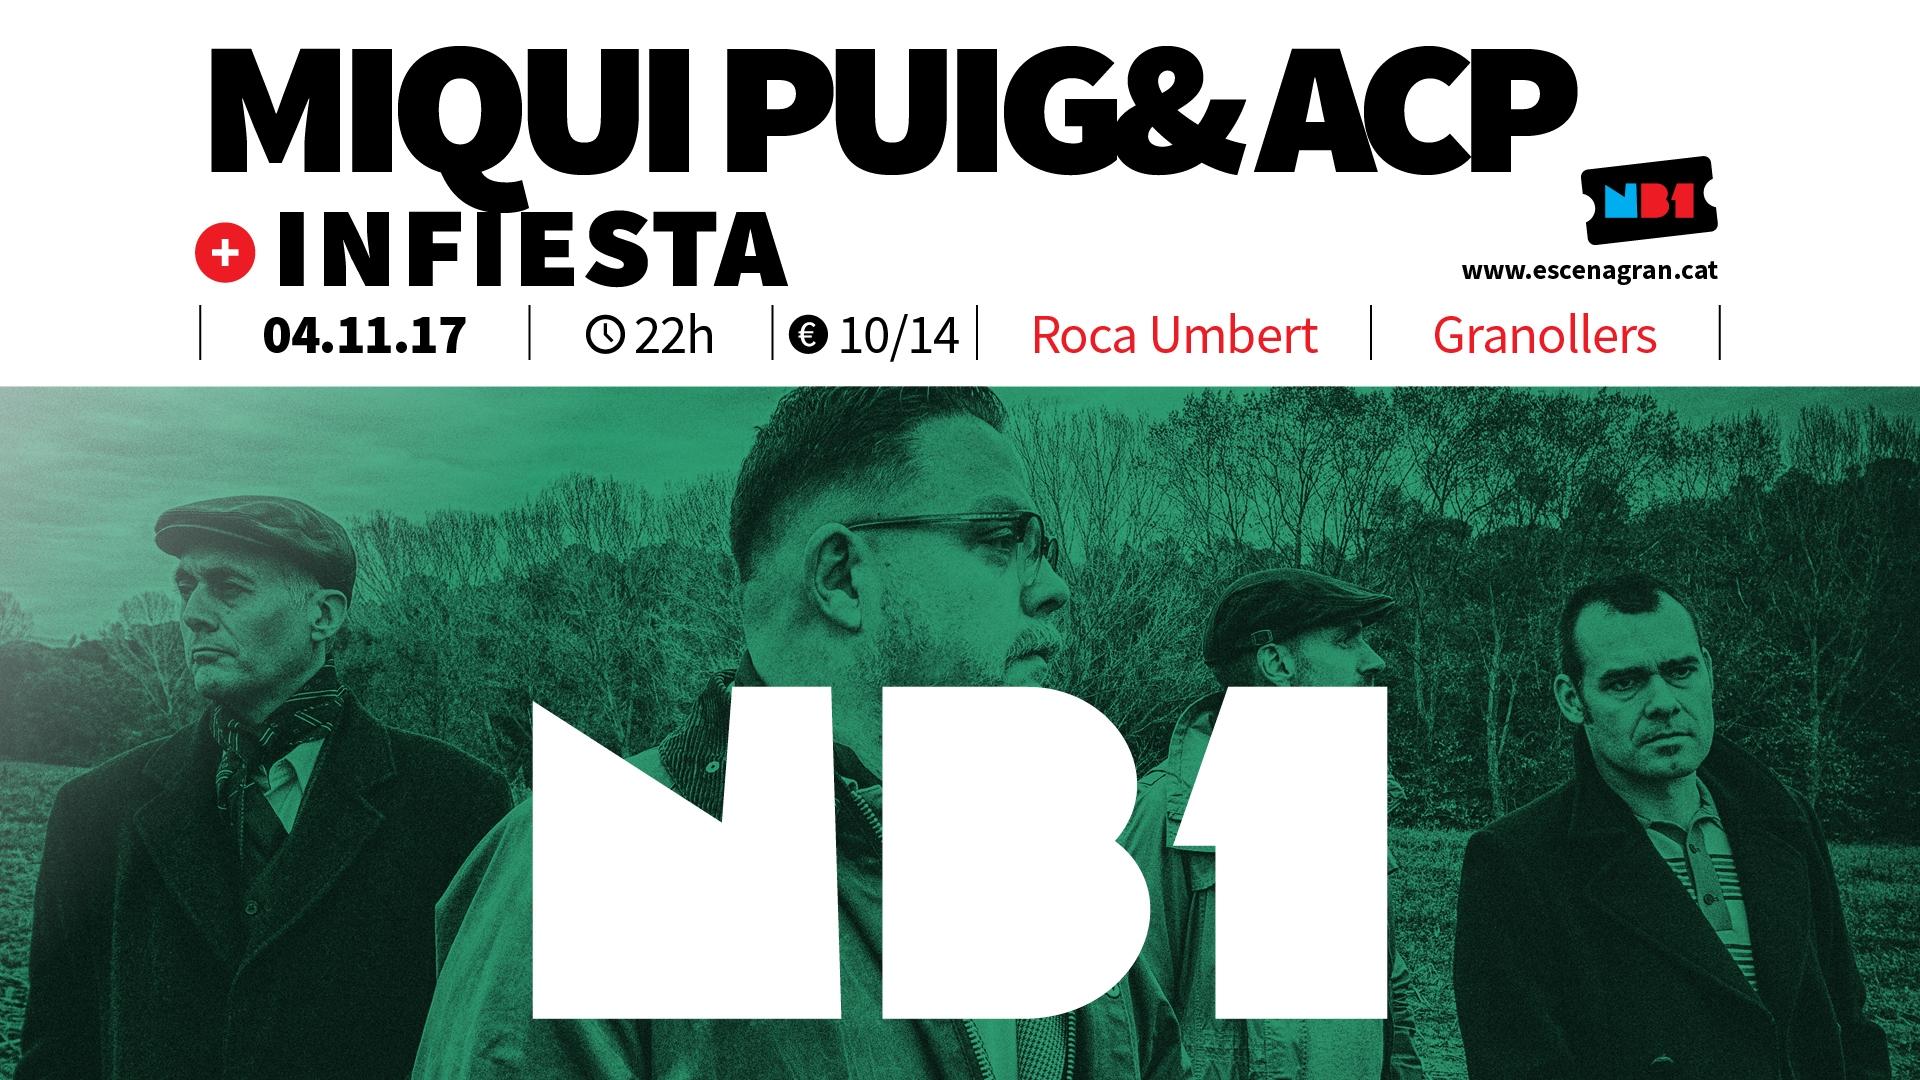 Concert de Miqui Puig a la NauB1 a Granollers